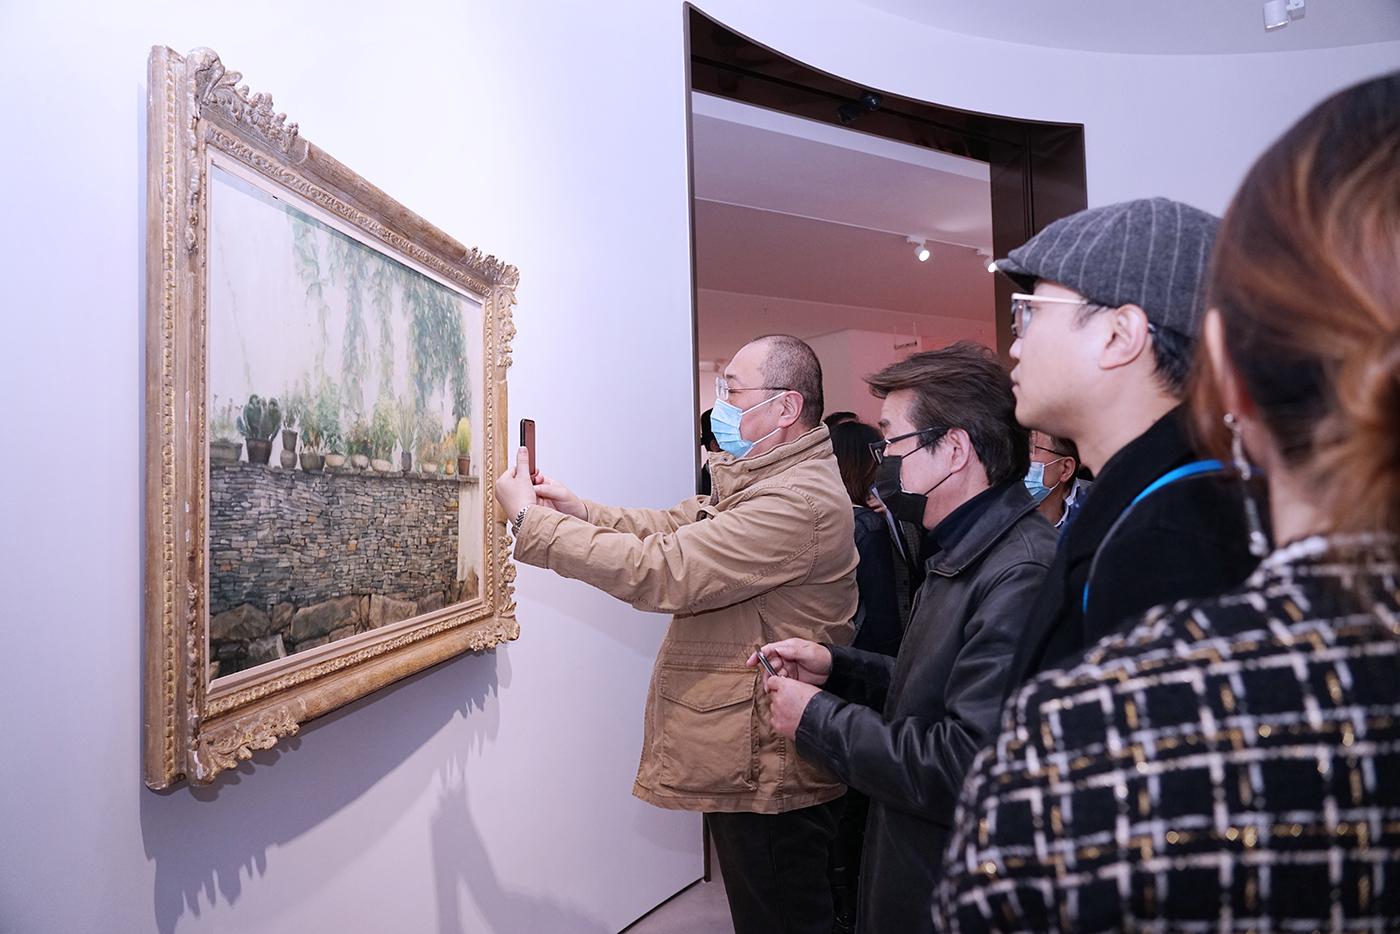 金臣·亦飞鸣美术馆正式开馆迎客。